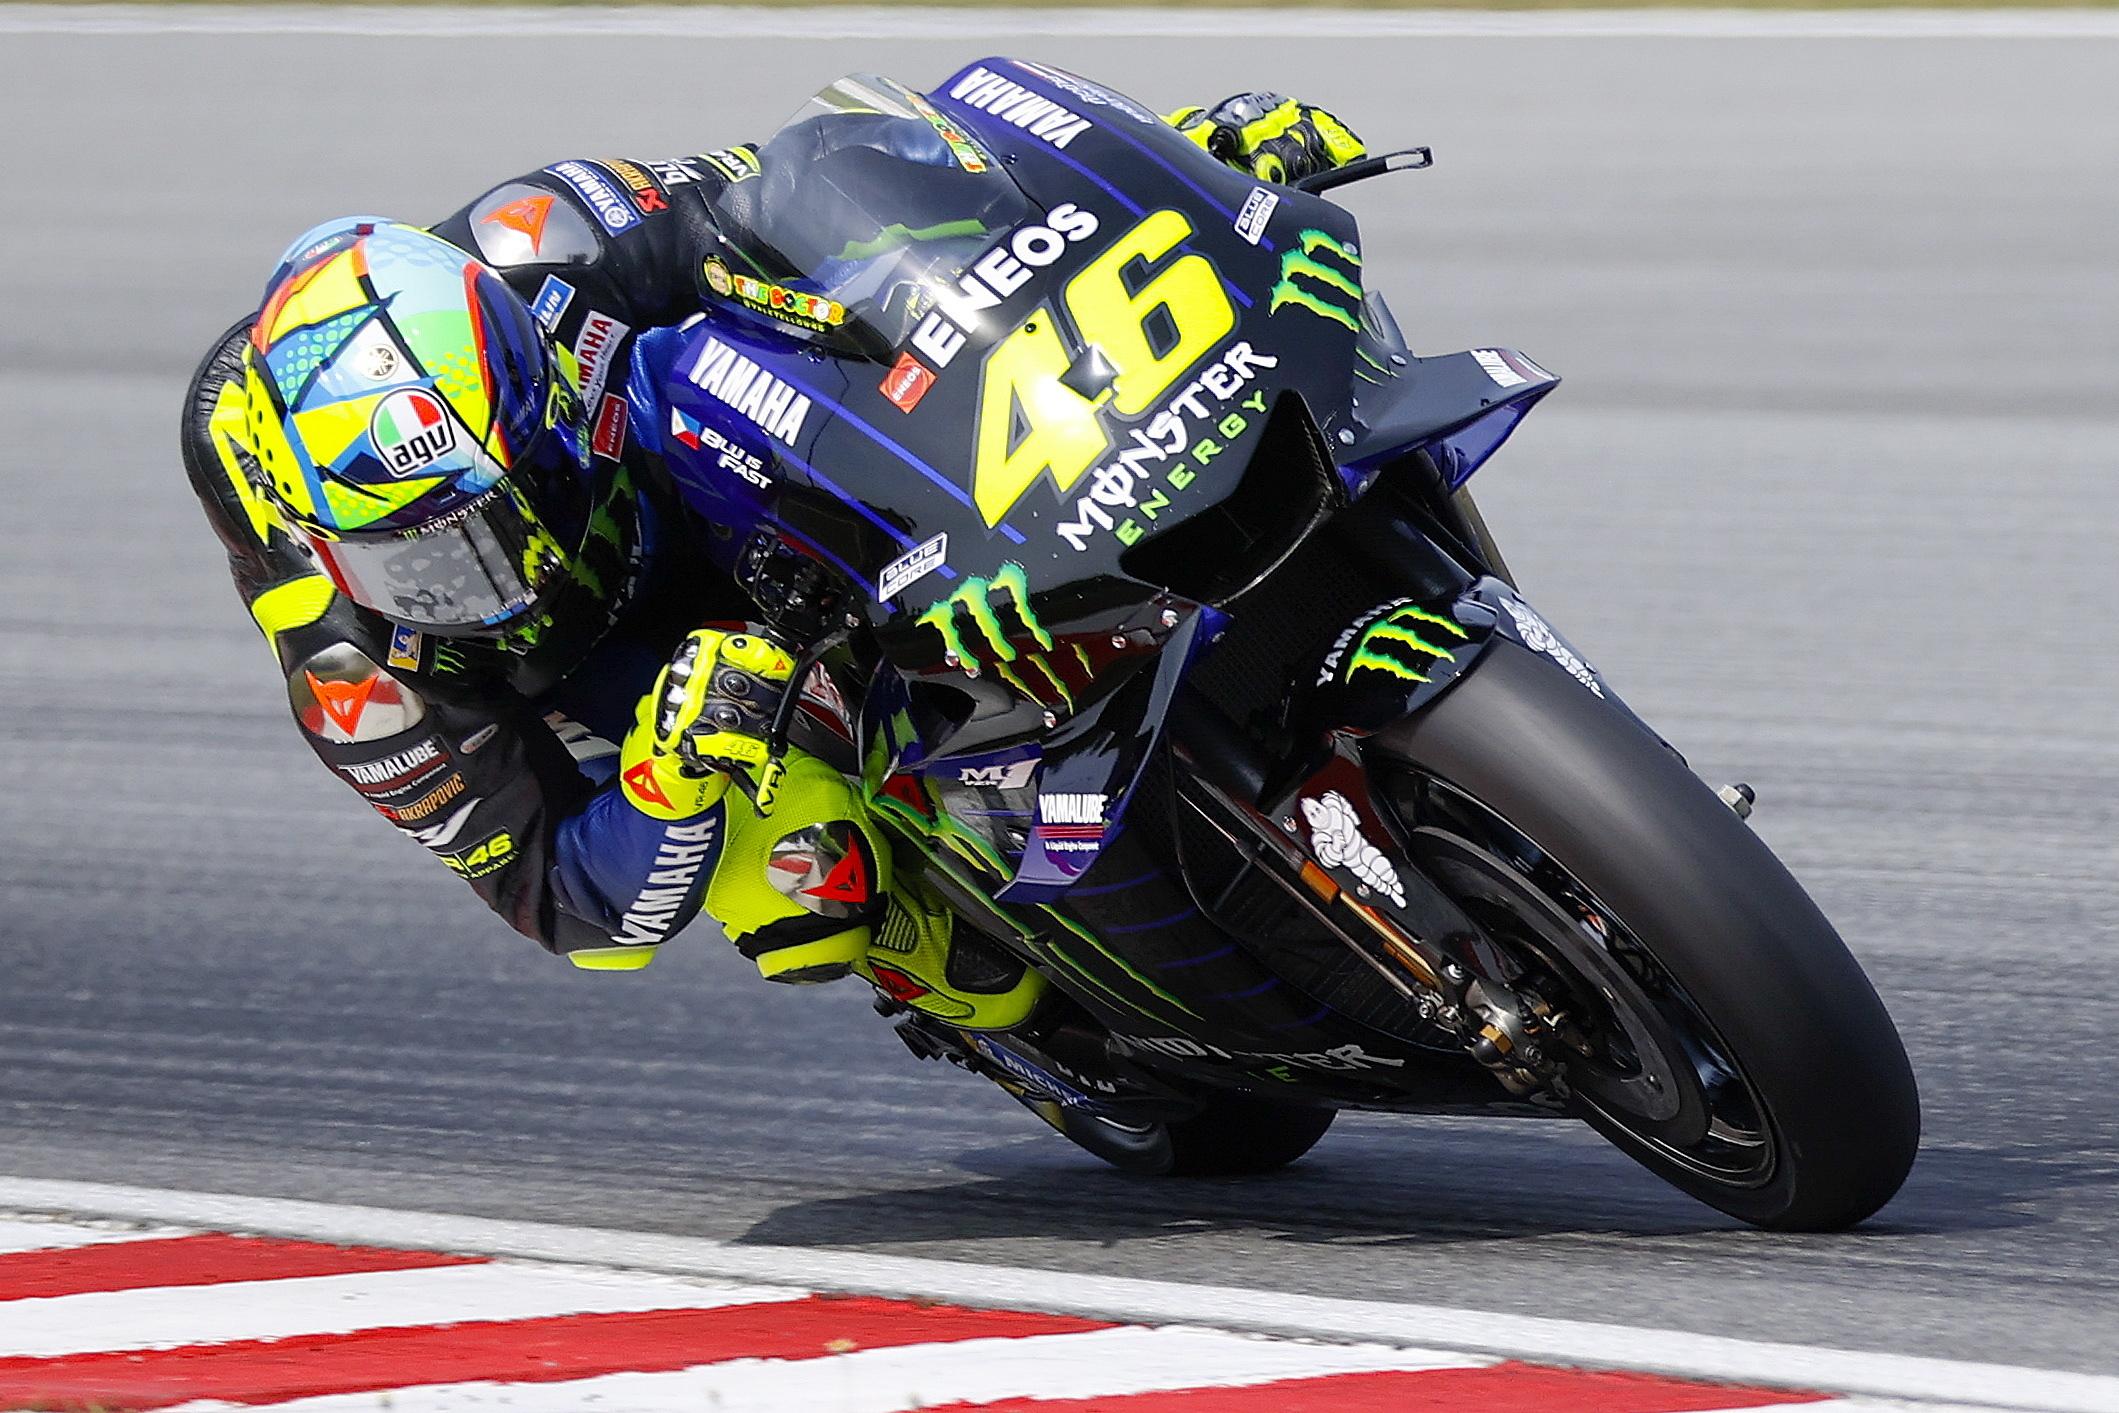 Mundial de MotoGP com mais duas provas adiadas